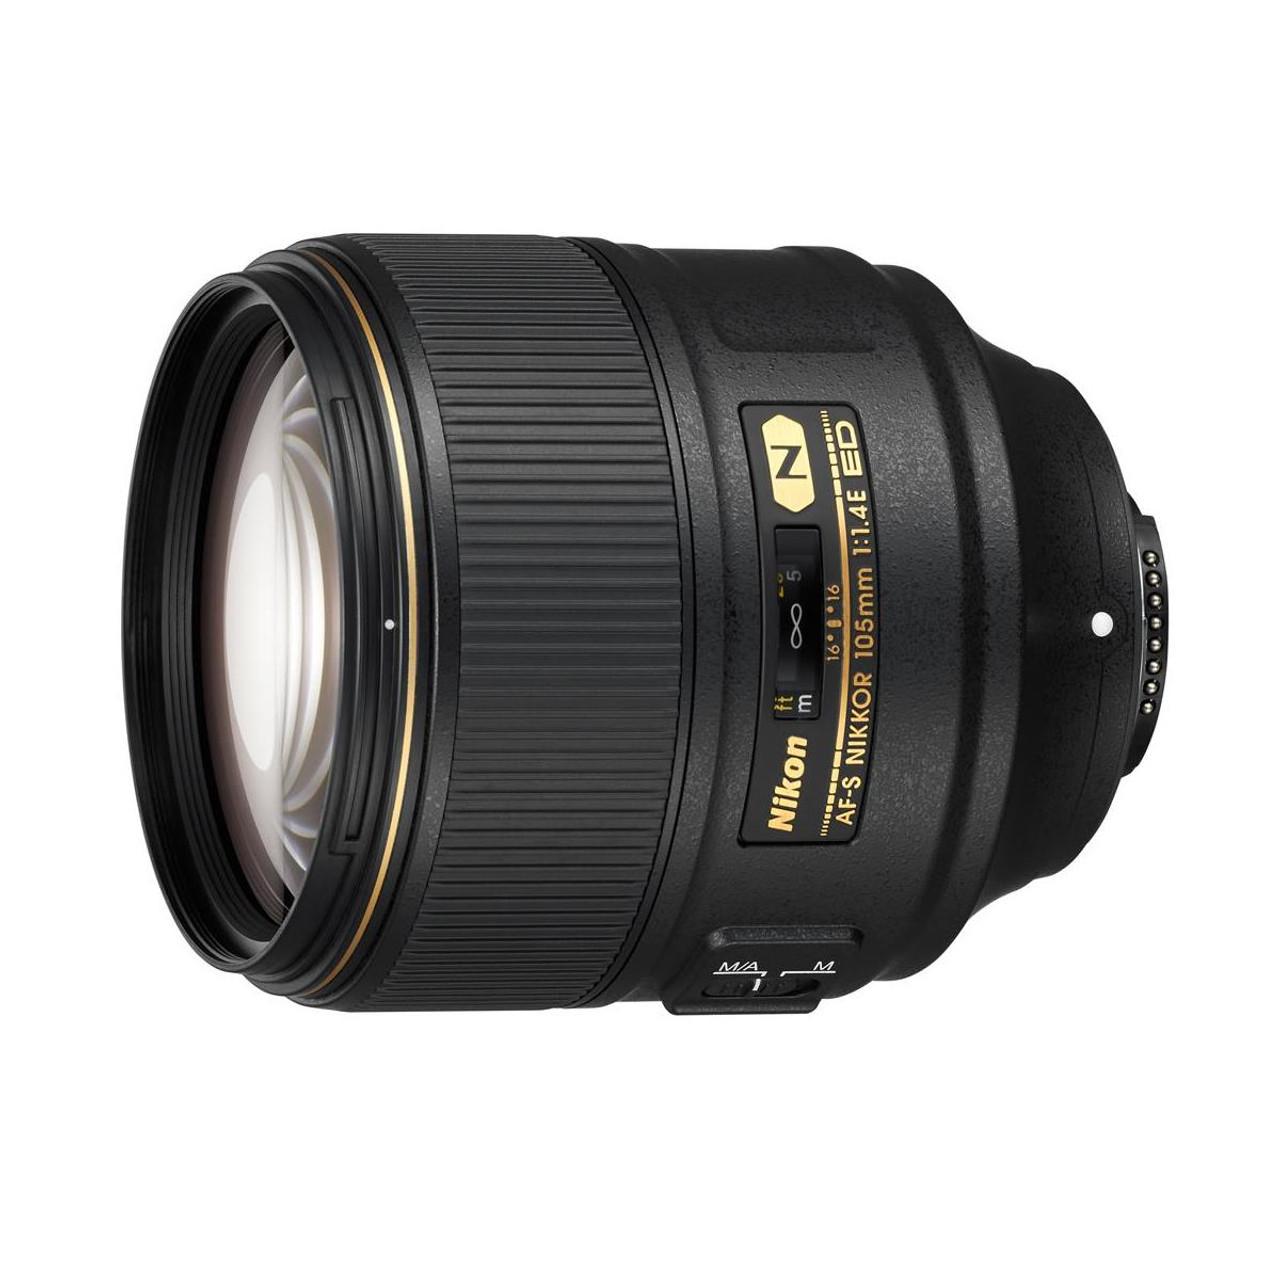 Nikon AF-S NIKKOR 105mm f/1.4E ED Telephoto Lens